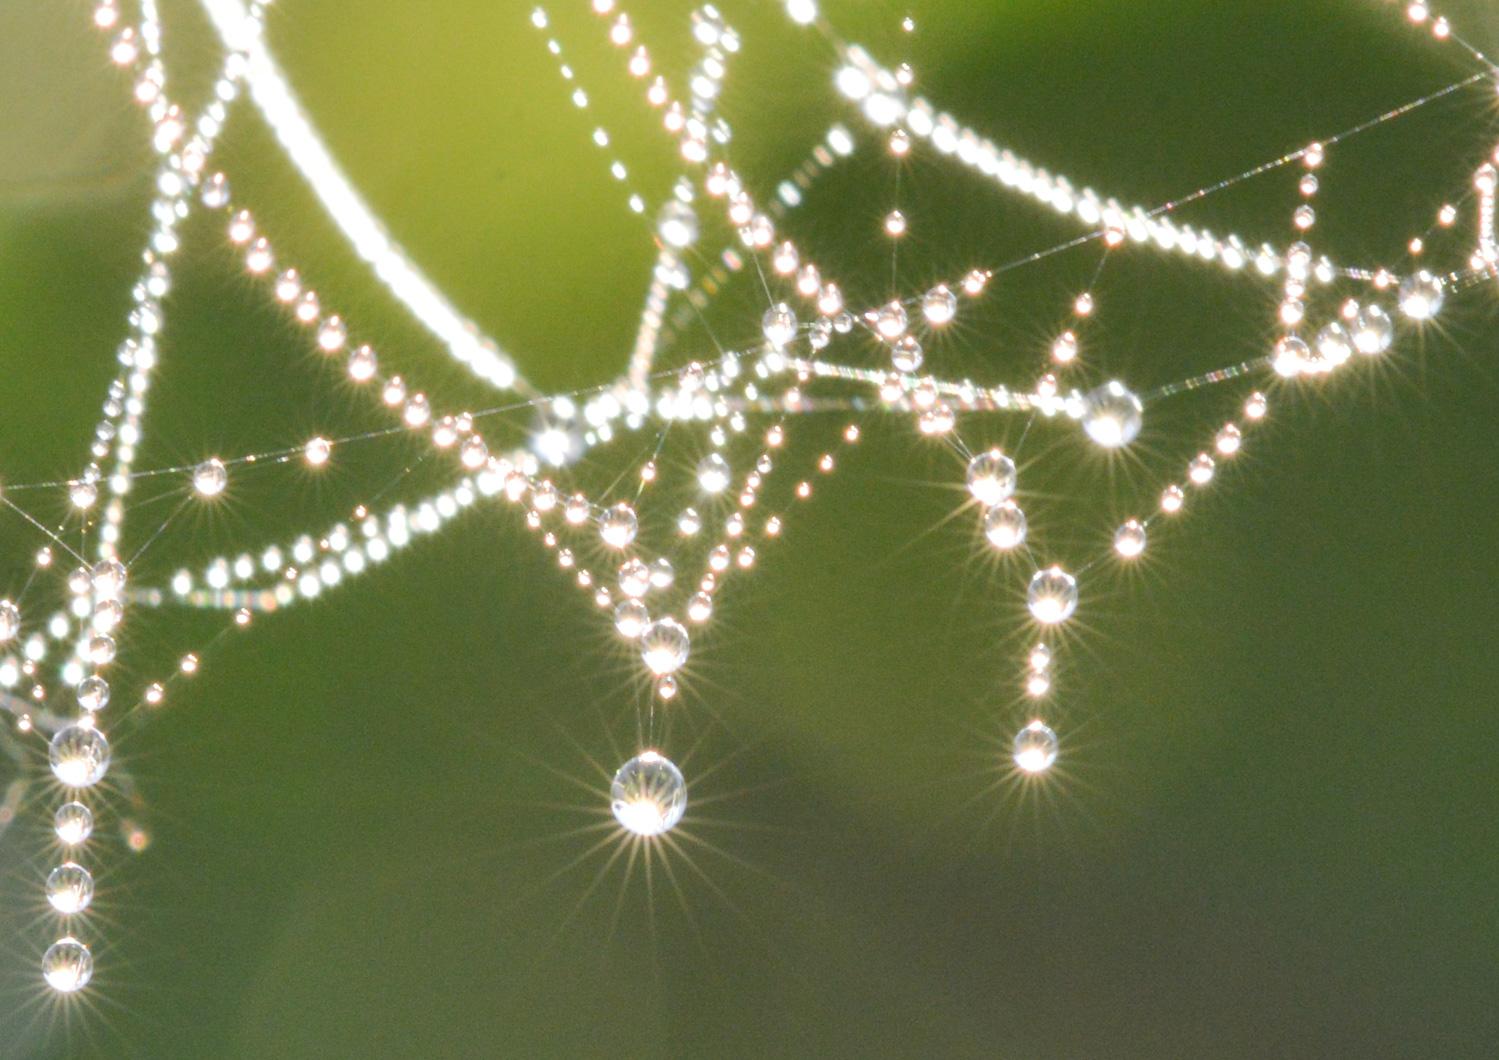 Spiderweb-4871.jpg